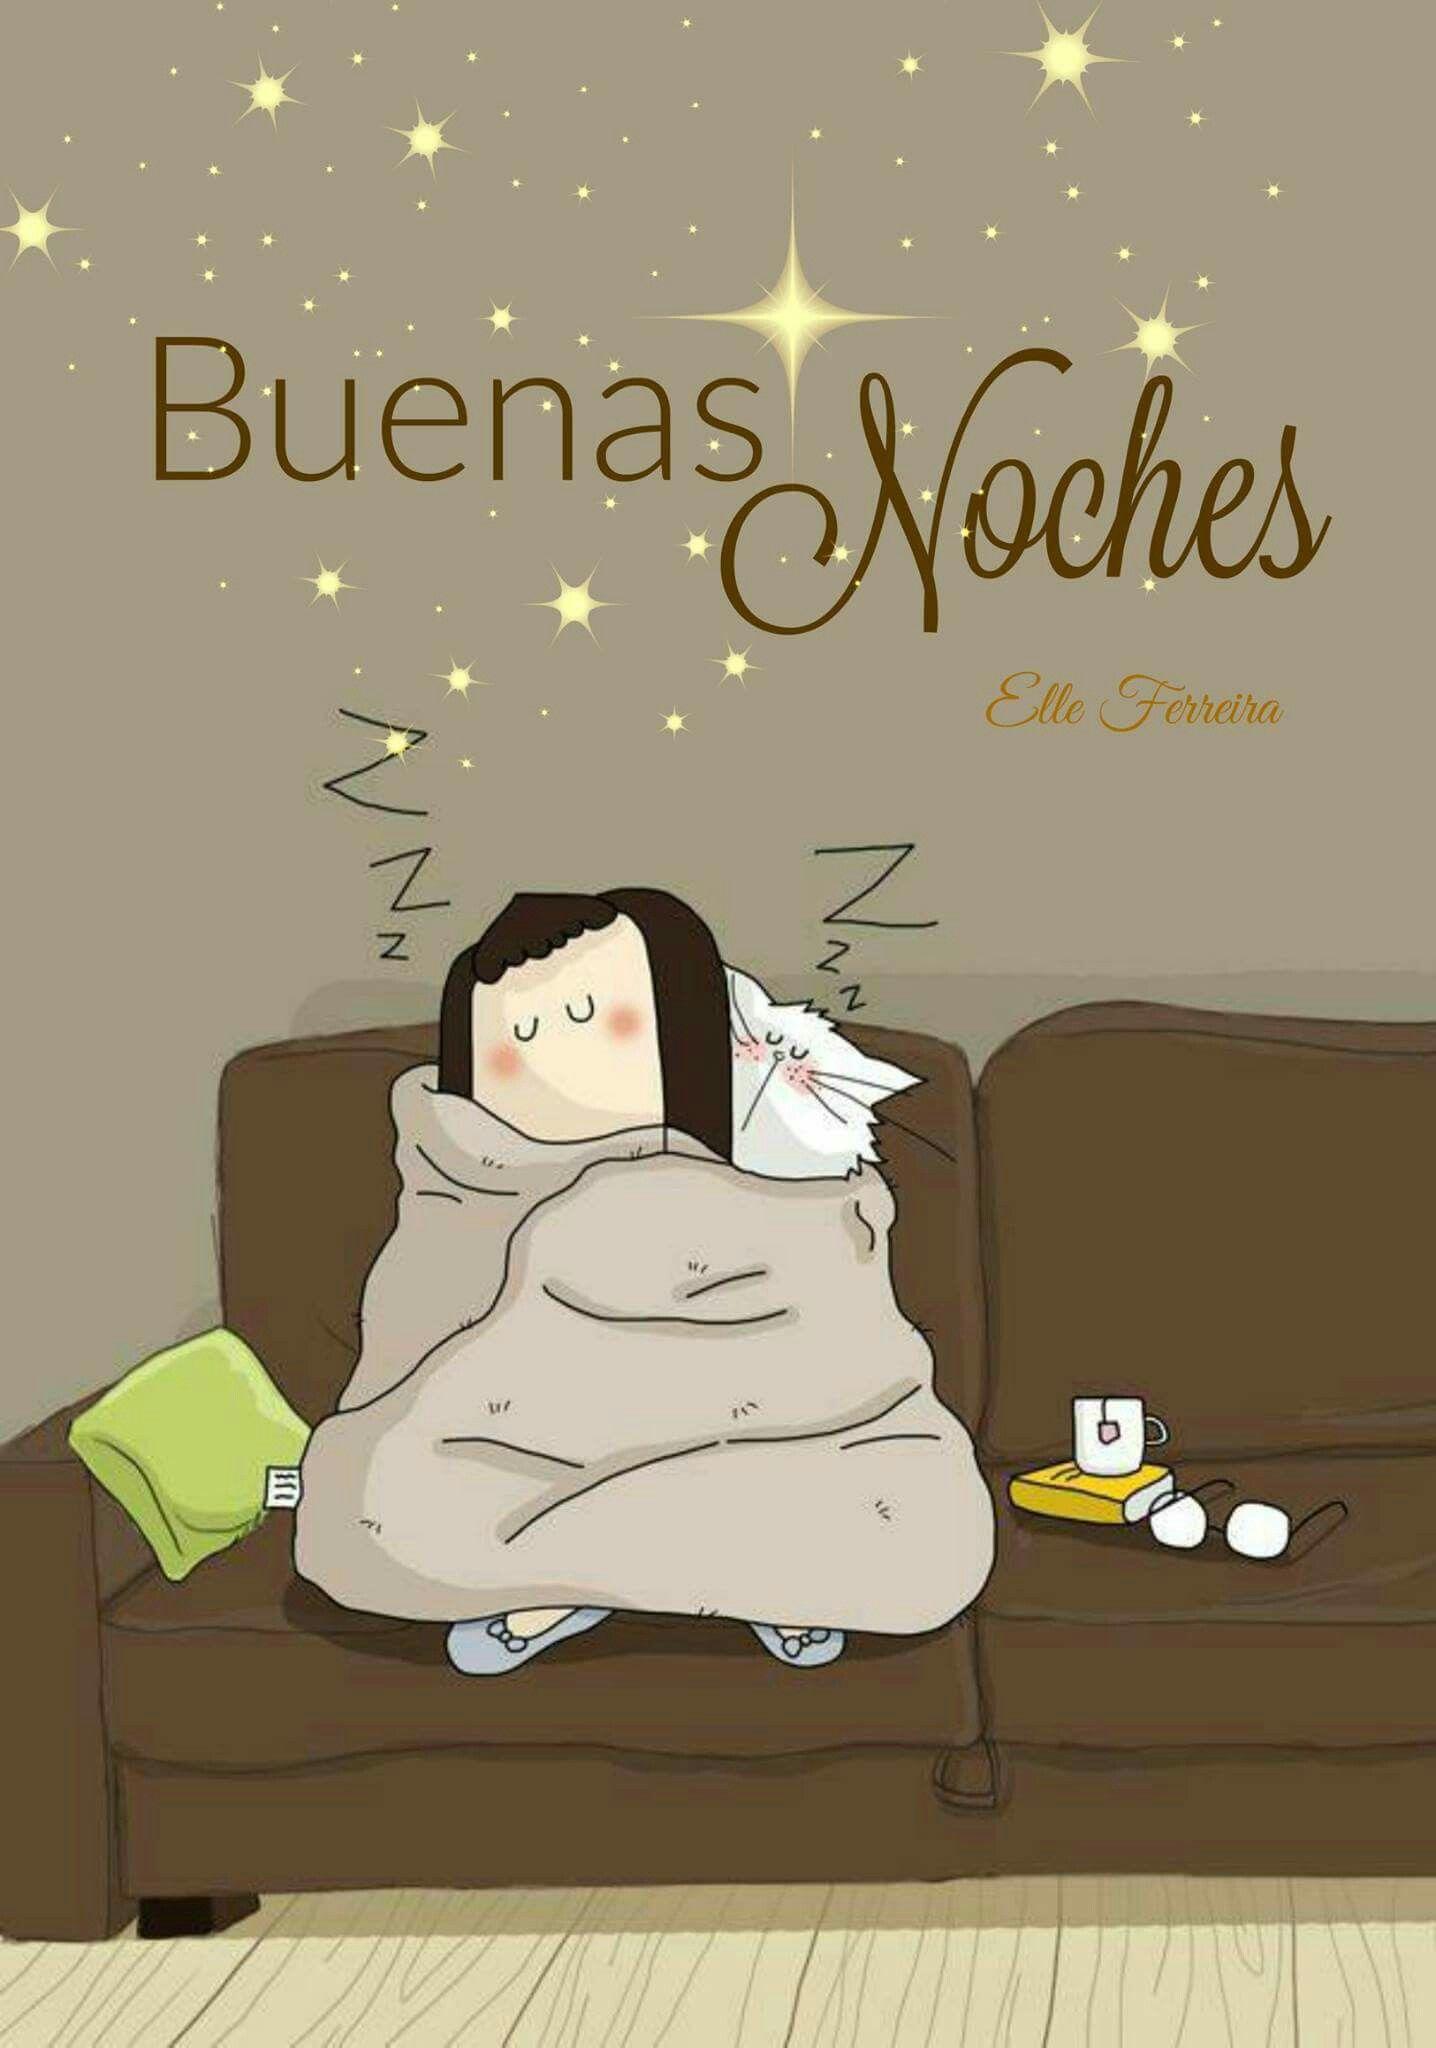 Pin de Cecilia Monzon en Buenas noches | Saludos de buenas noches, Mensajes  de buenas noches, Tarjetas de buenas noches